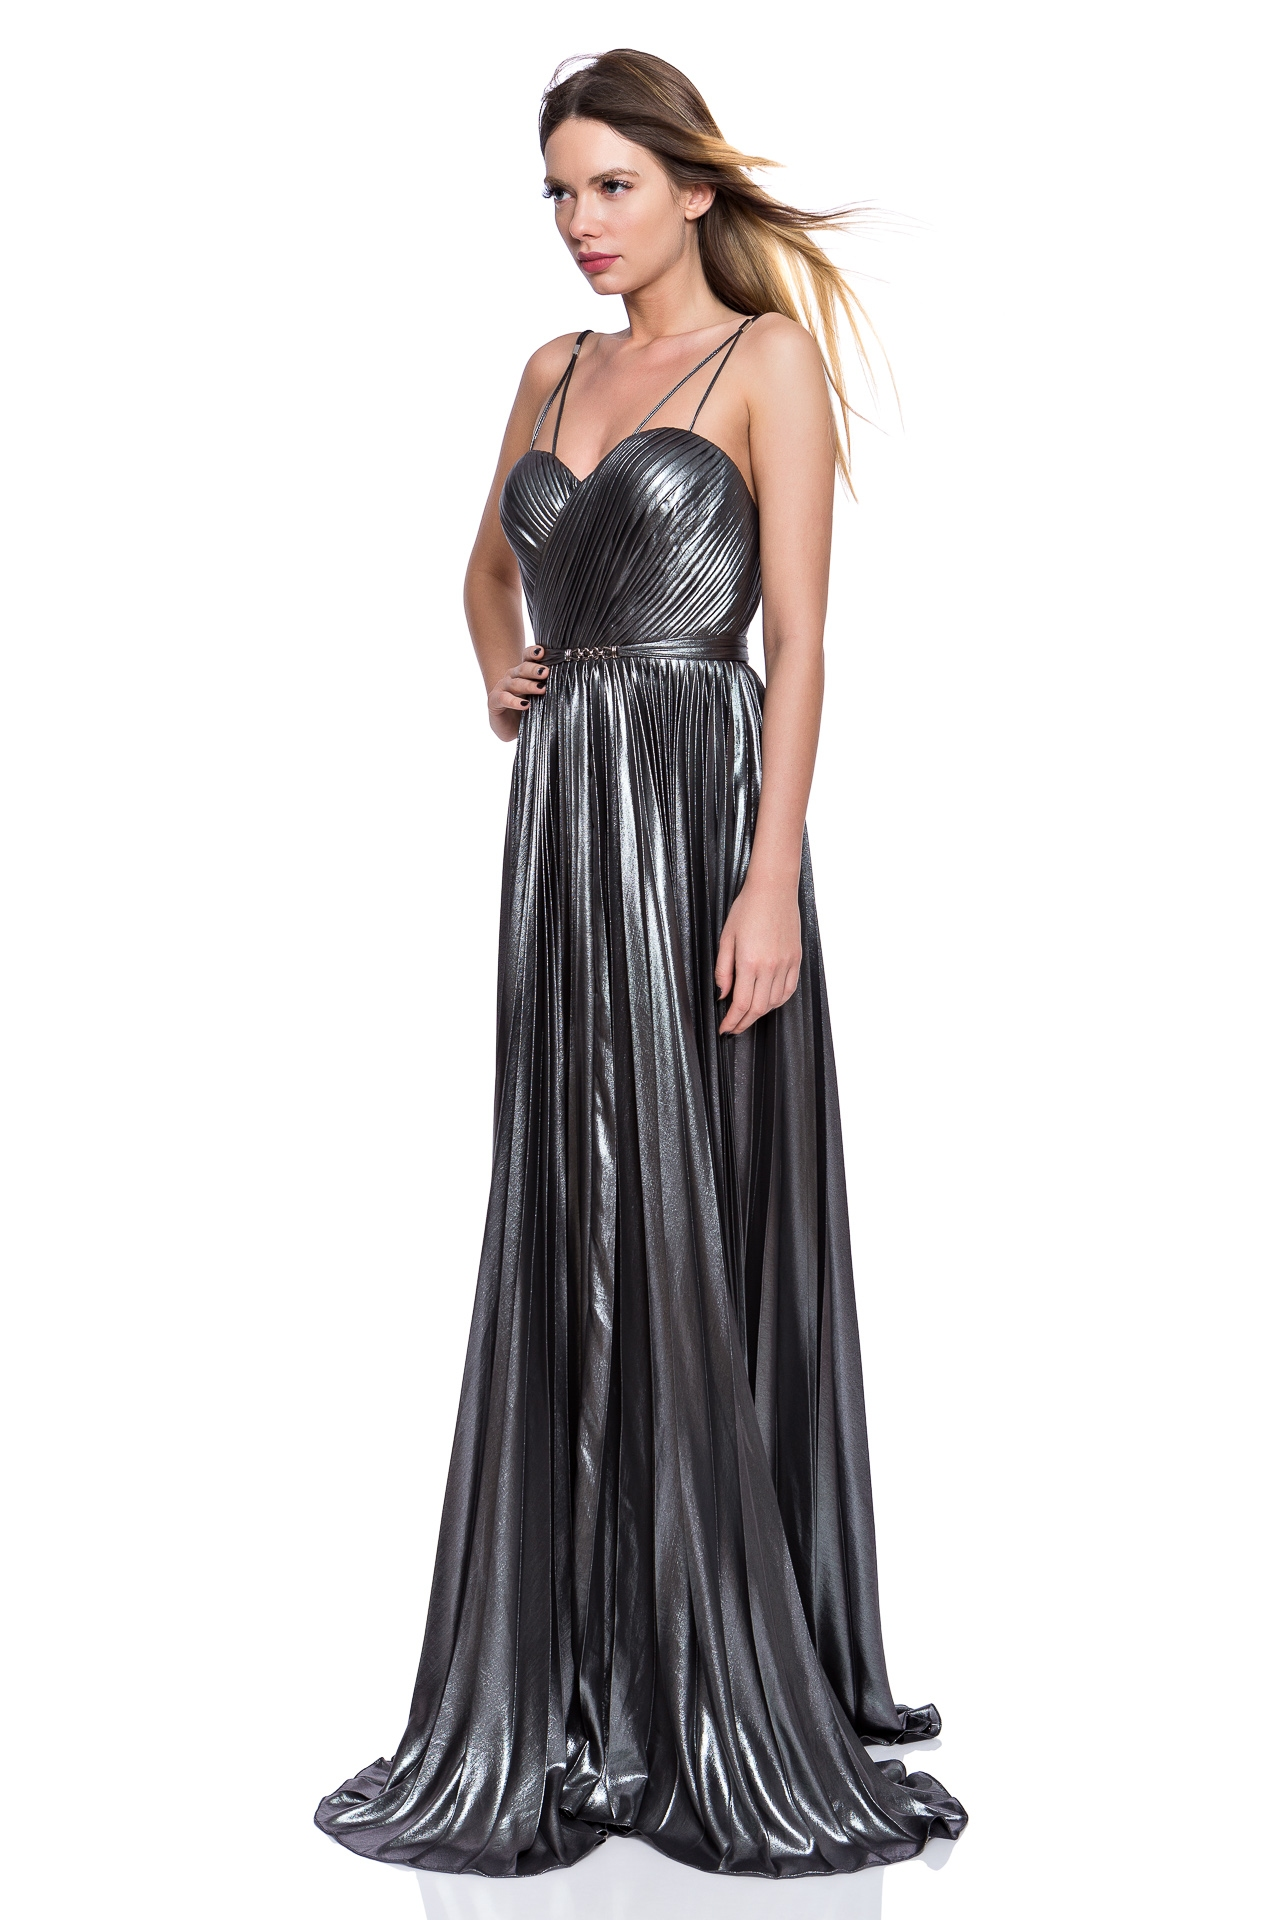 Metallic corset evening gown